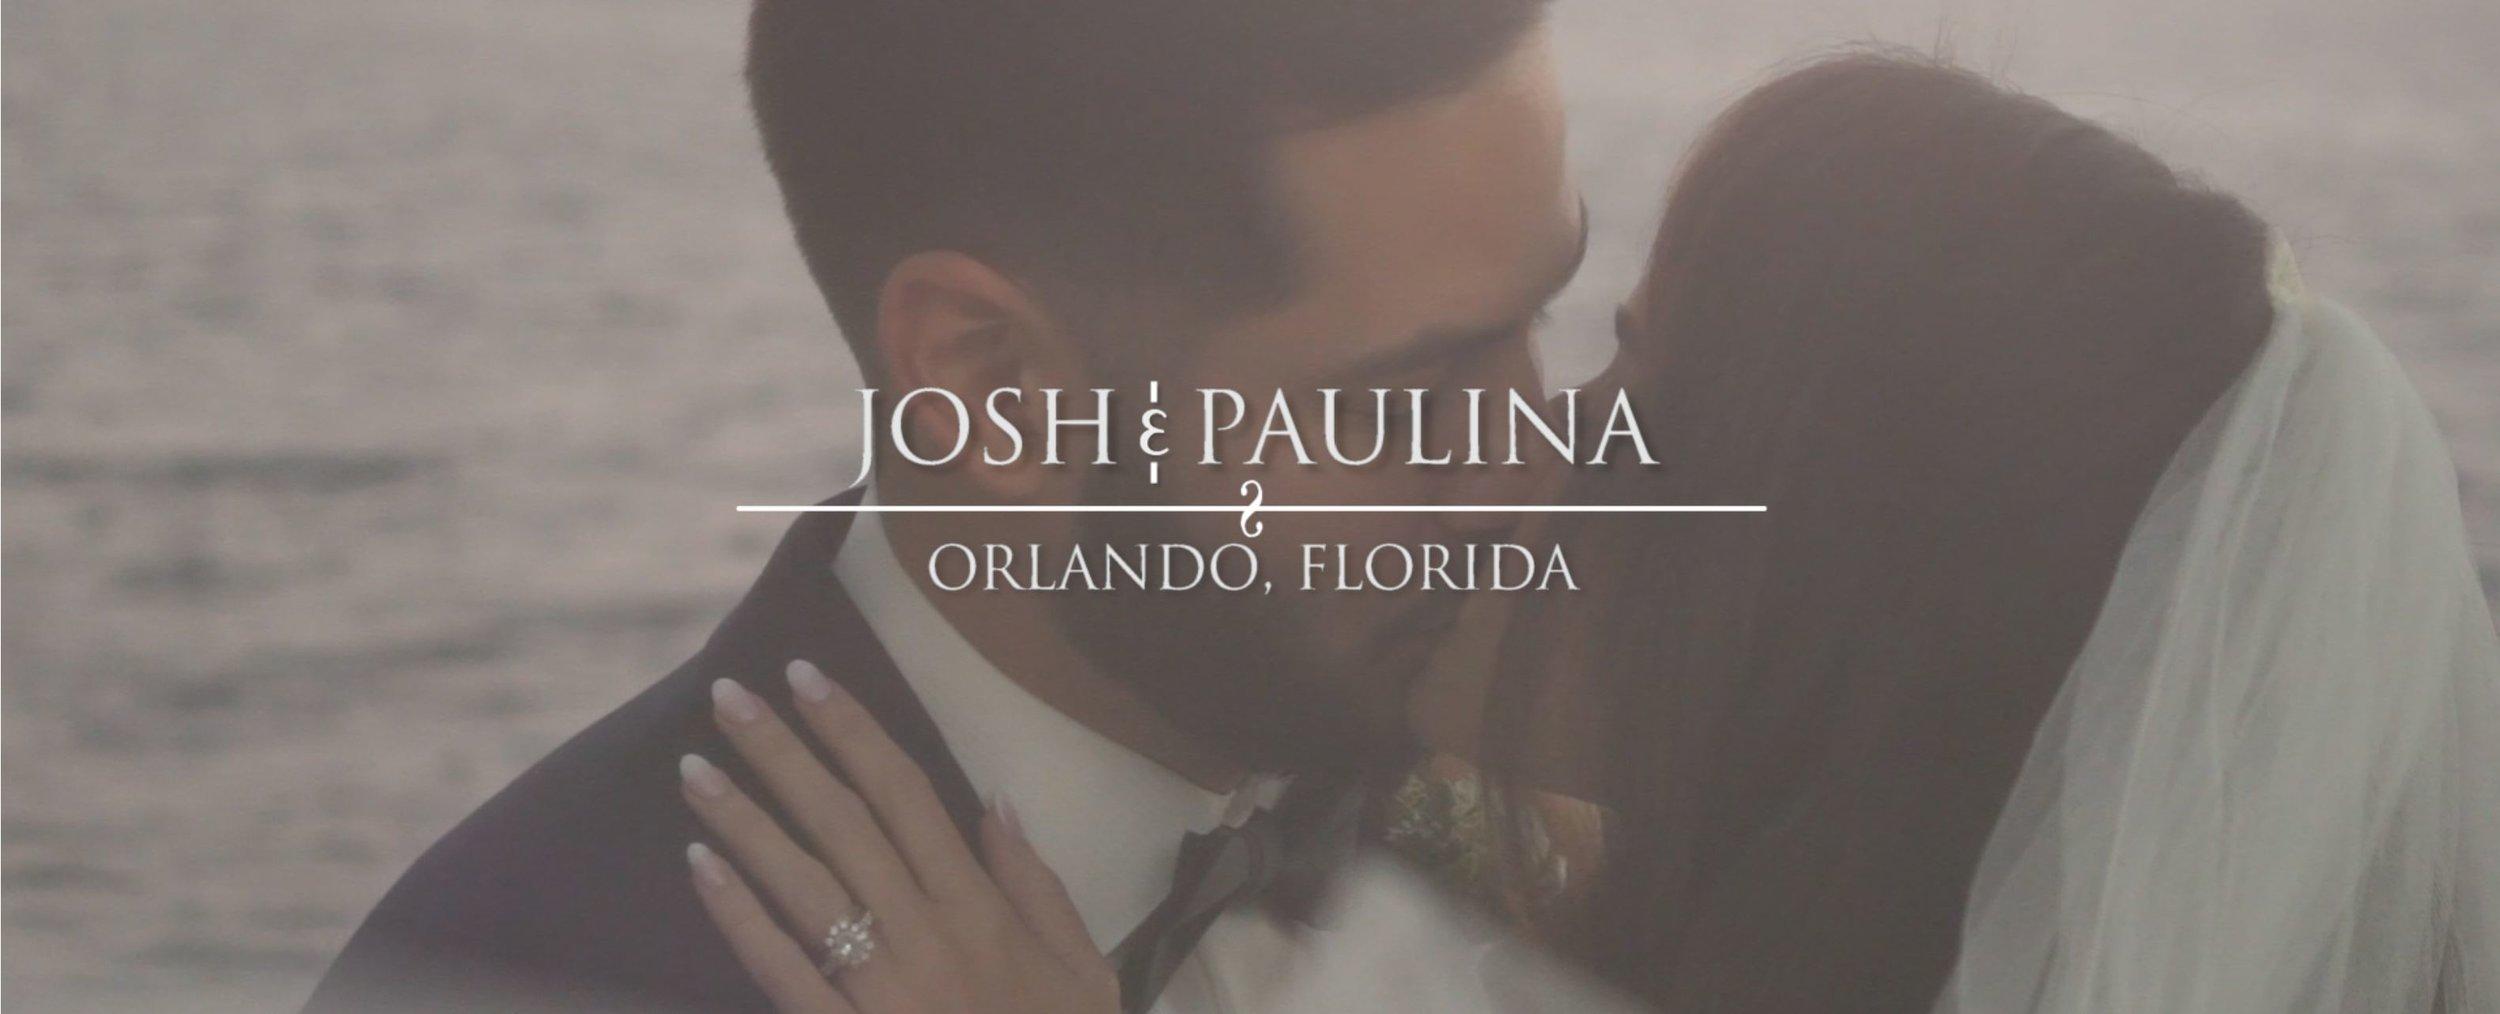 josh and paulina Praise.JPG